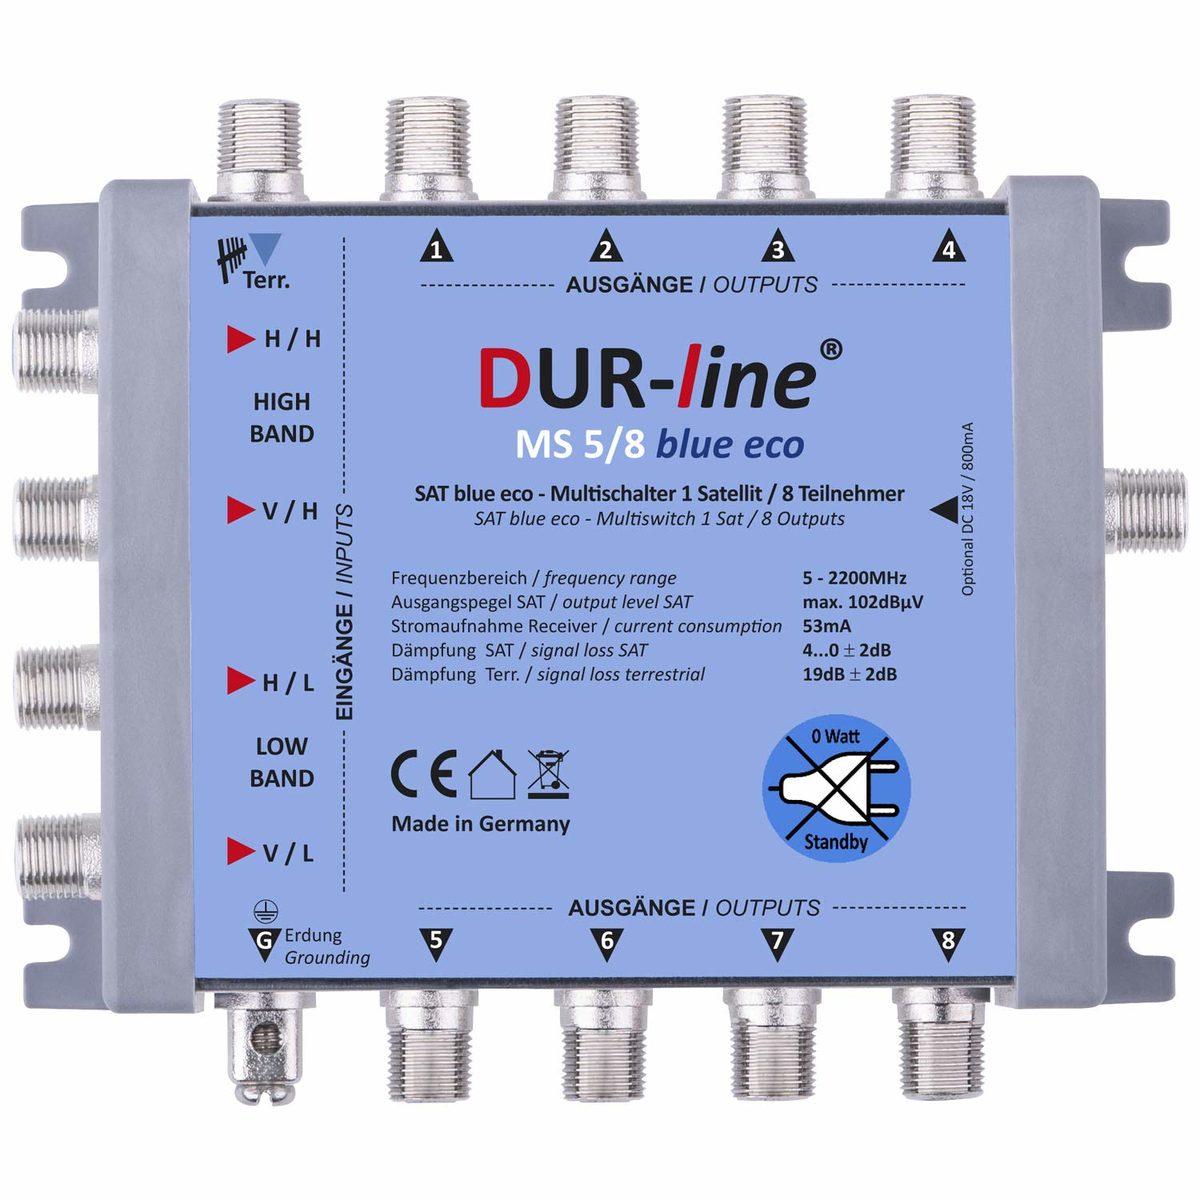 DUR-line MS 5/8 blue eco Stromspar Sat Multischalter 8 Teilnehmer ohne Netzteil